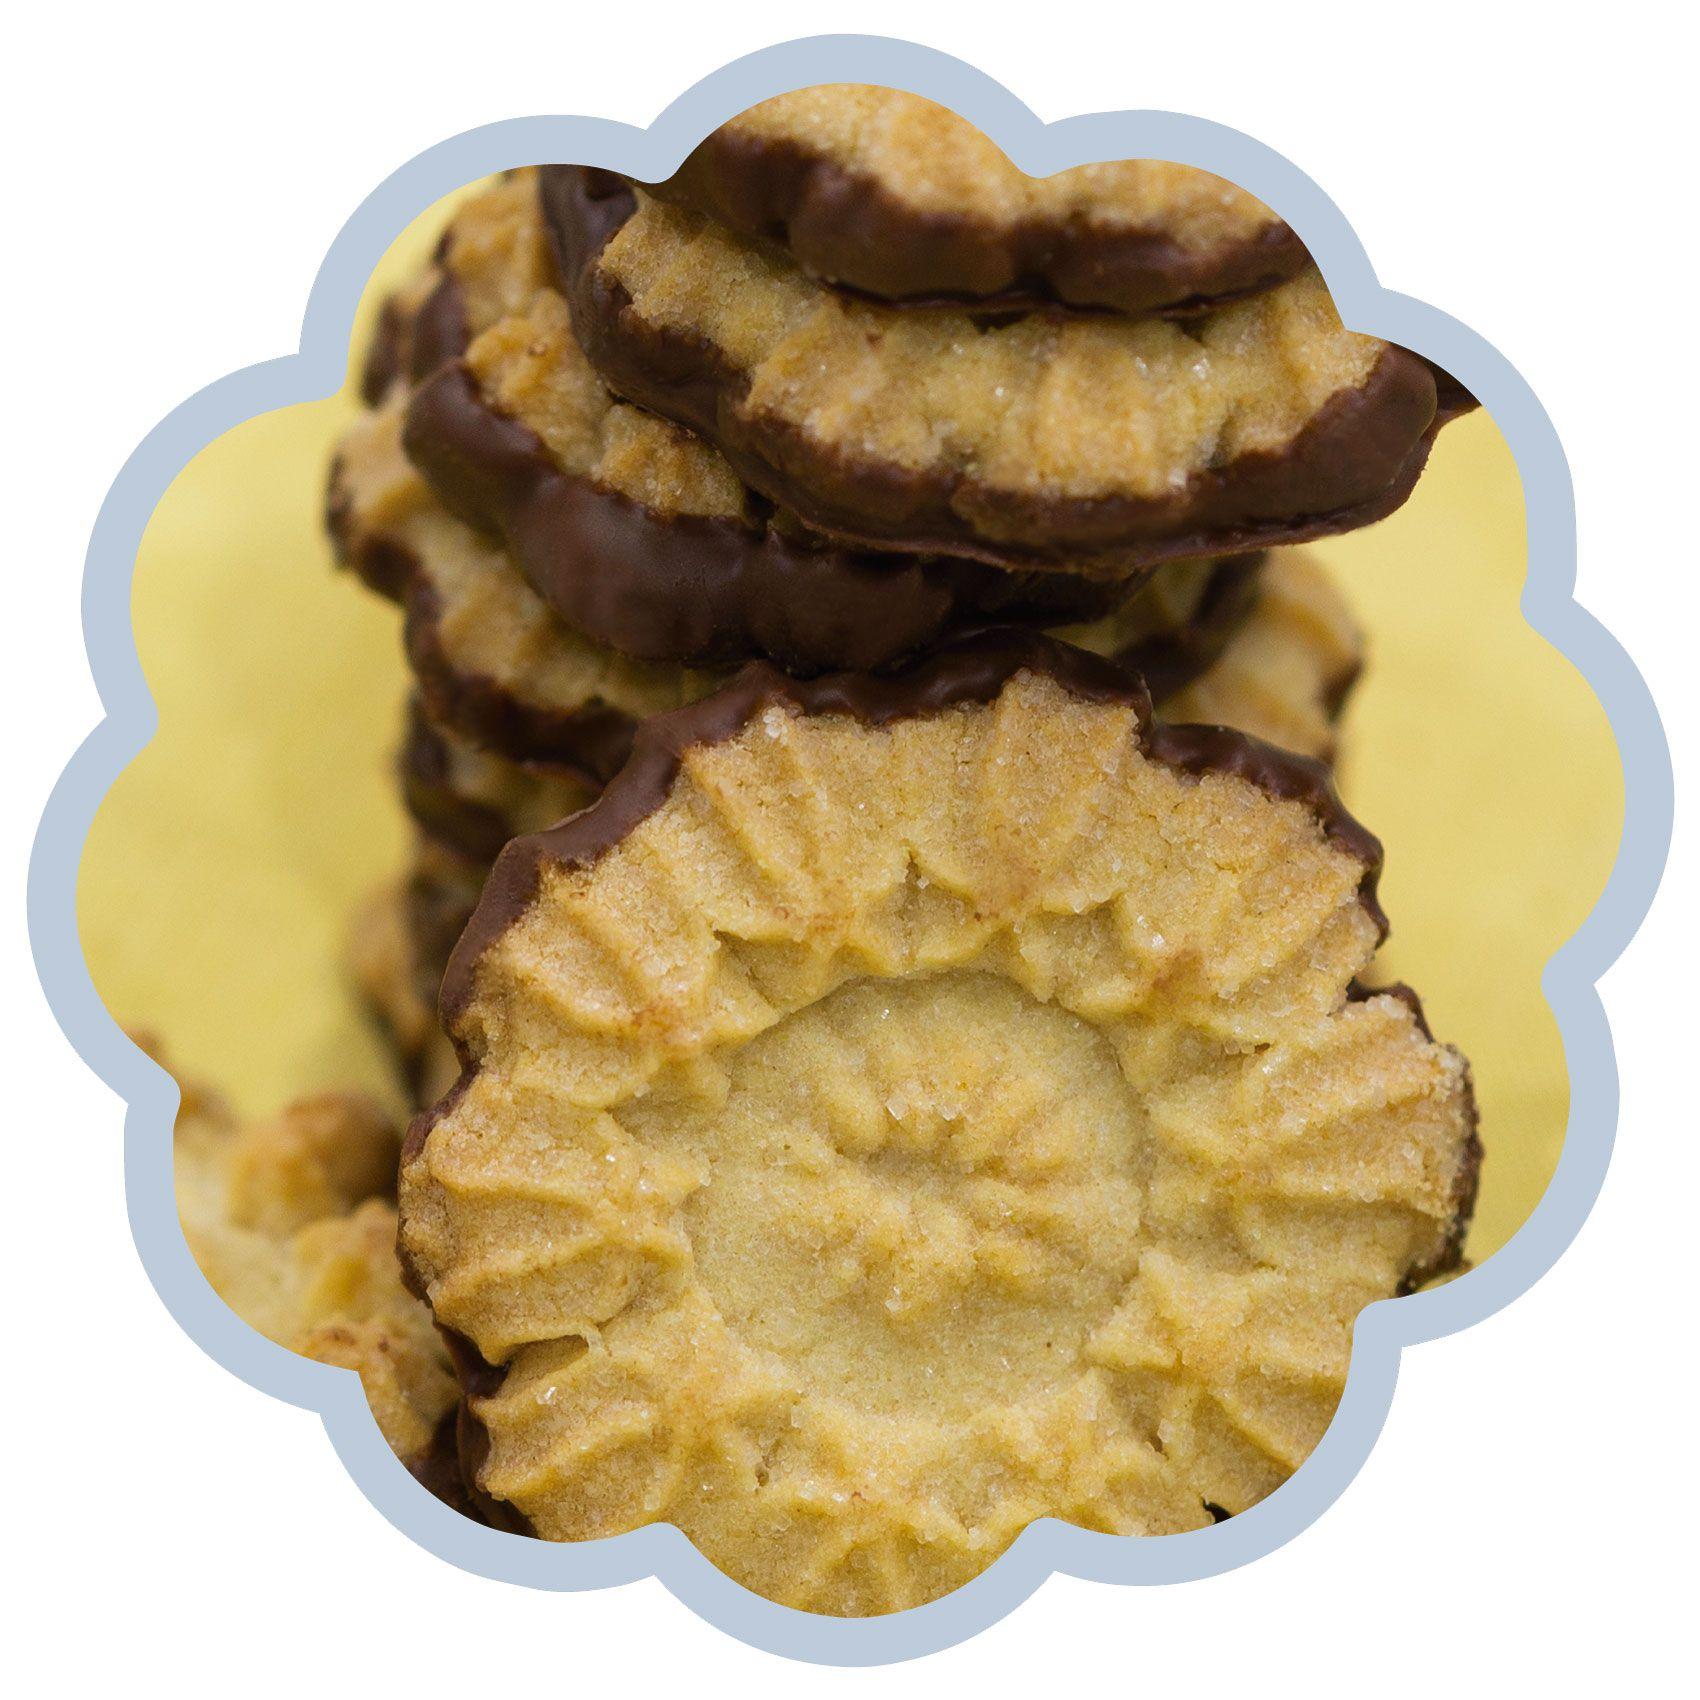 Limão Siciliano com Chocolate - LATA DE PÁSCOA  - 200g